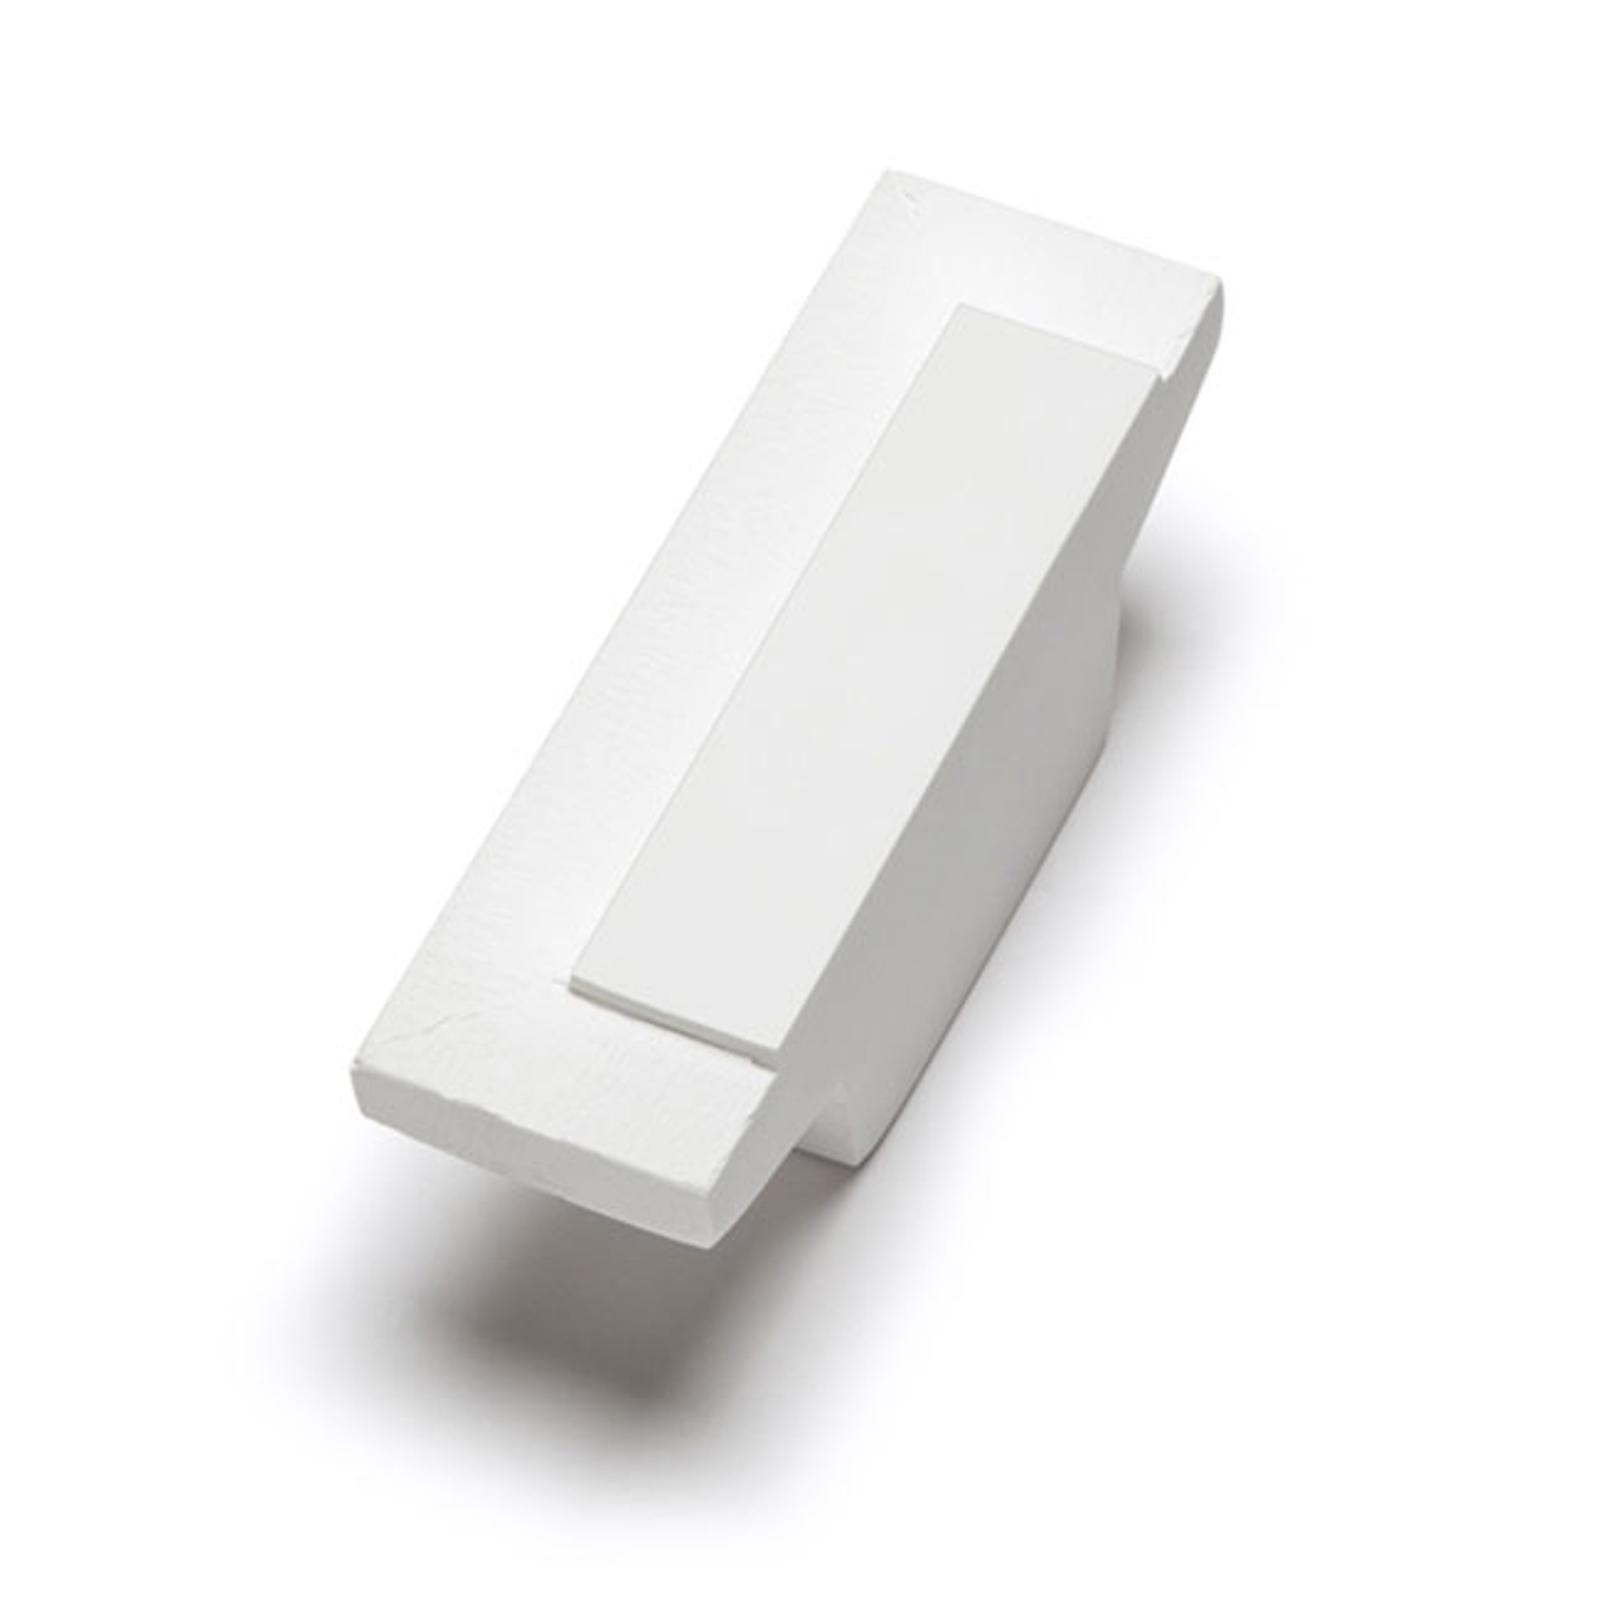 Endkappen für LED-Deckeneinbauleuchte 4191